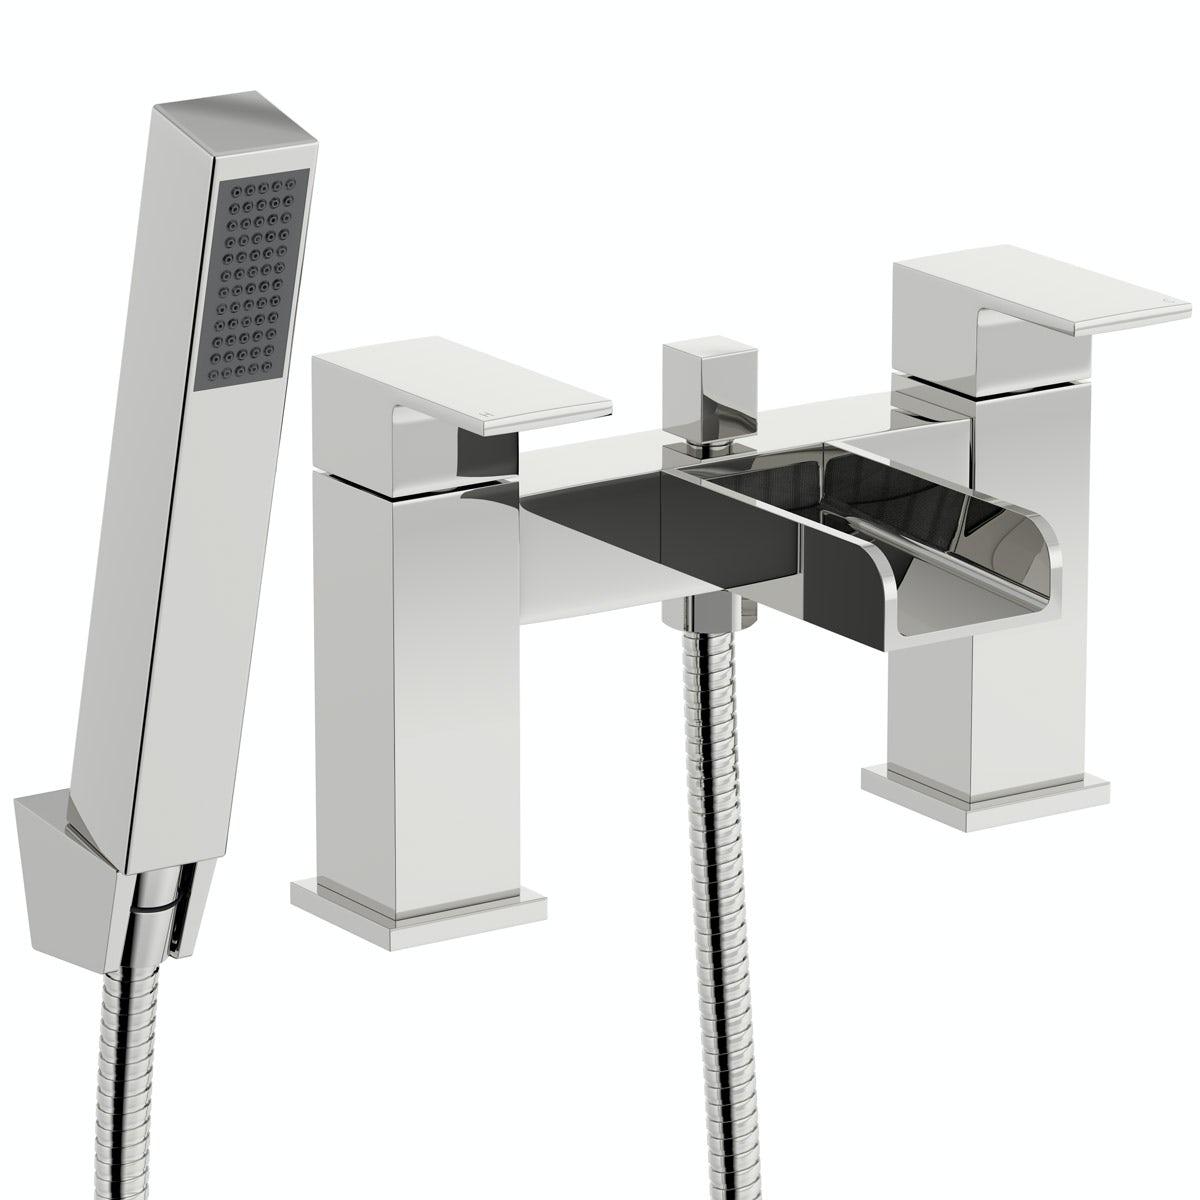 Mode Carter waterfall bath shower mixer tap